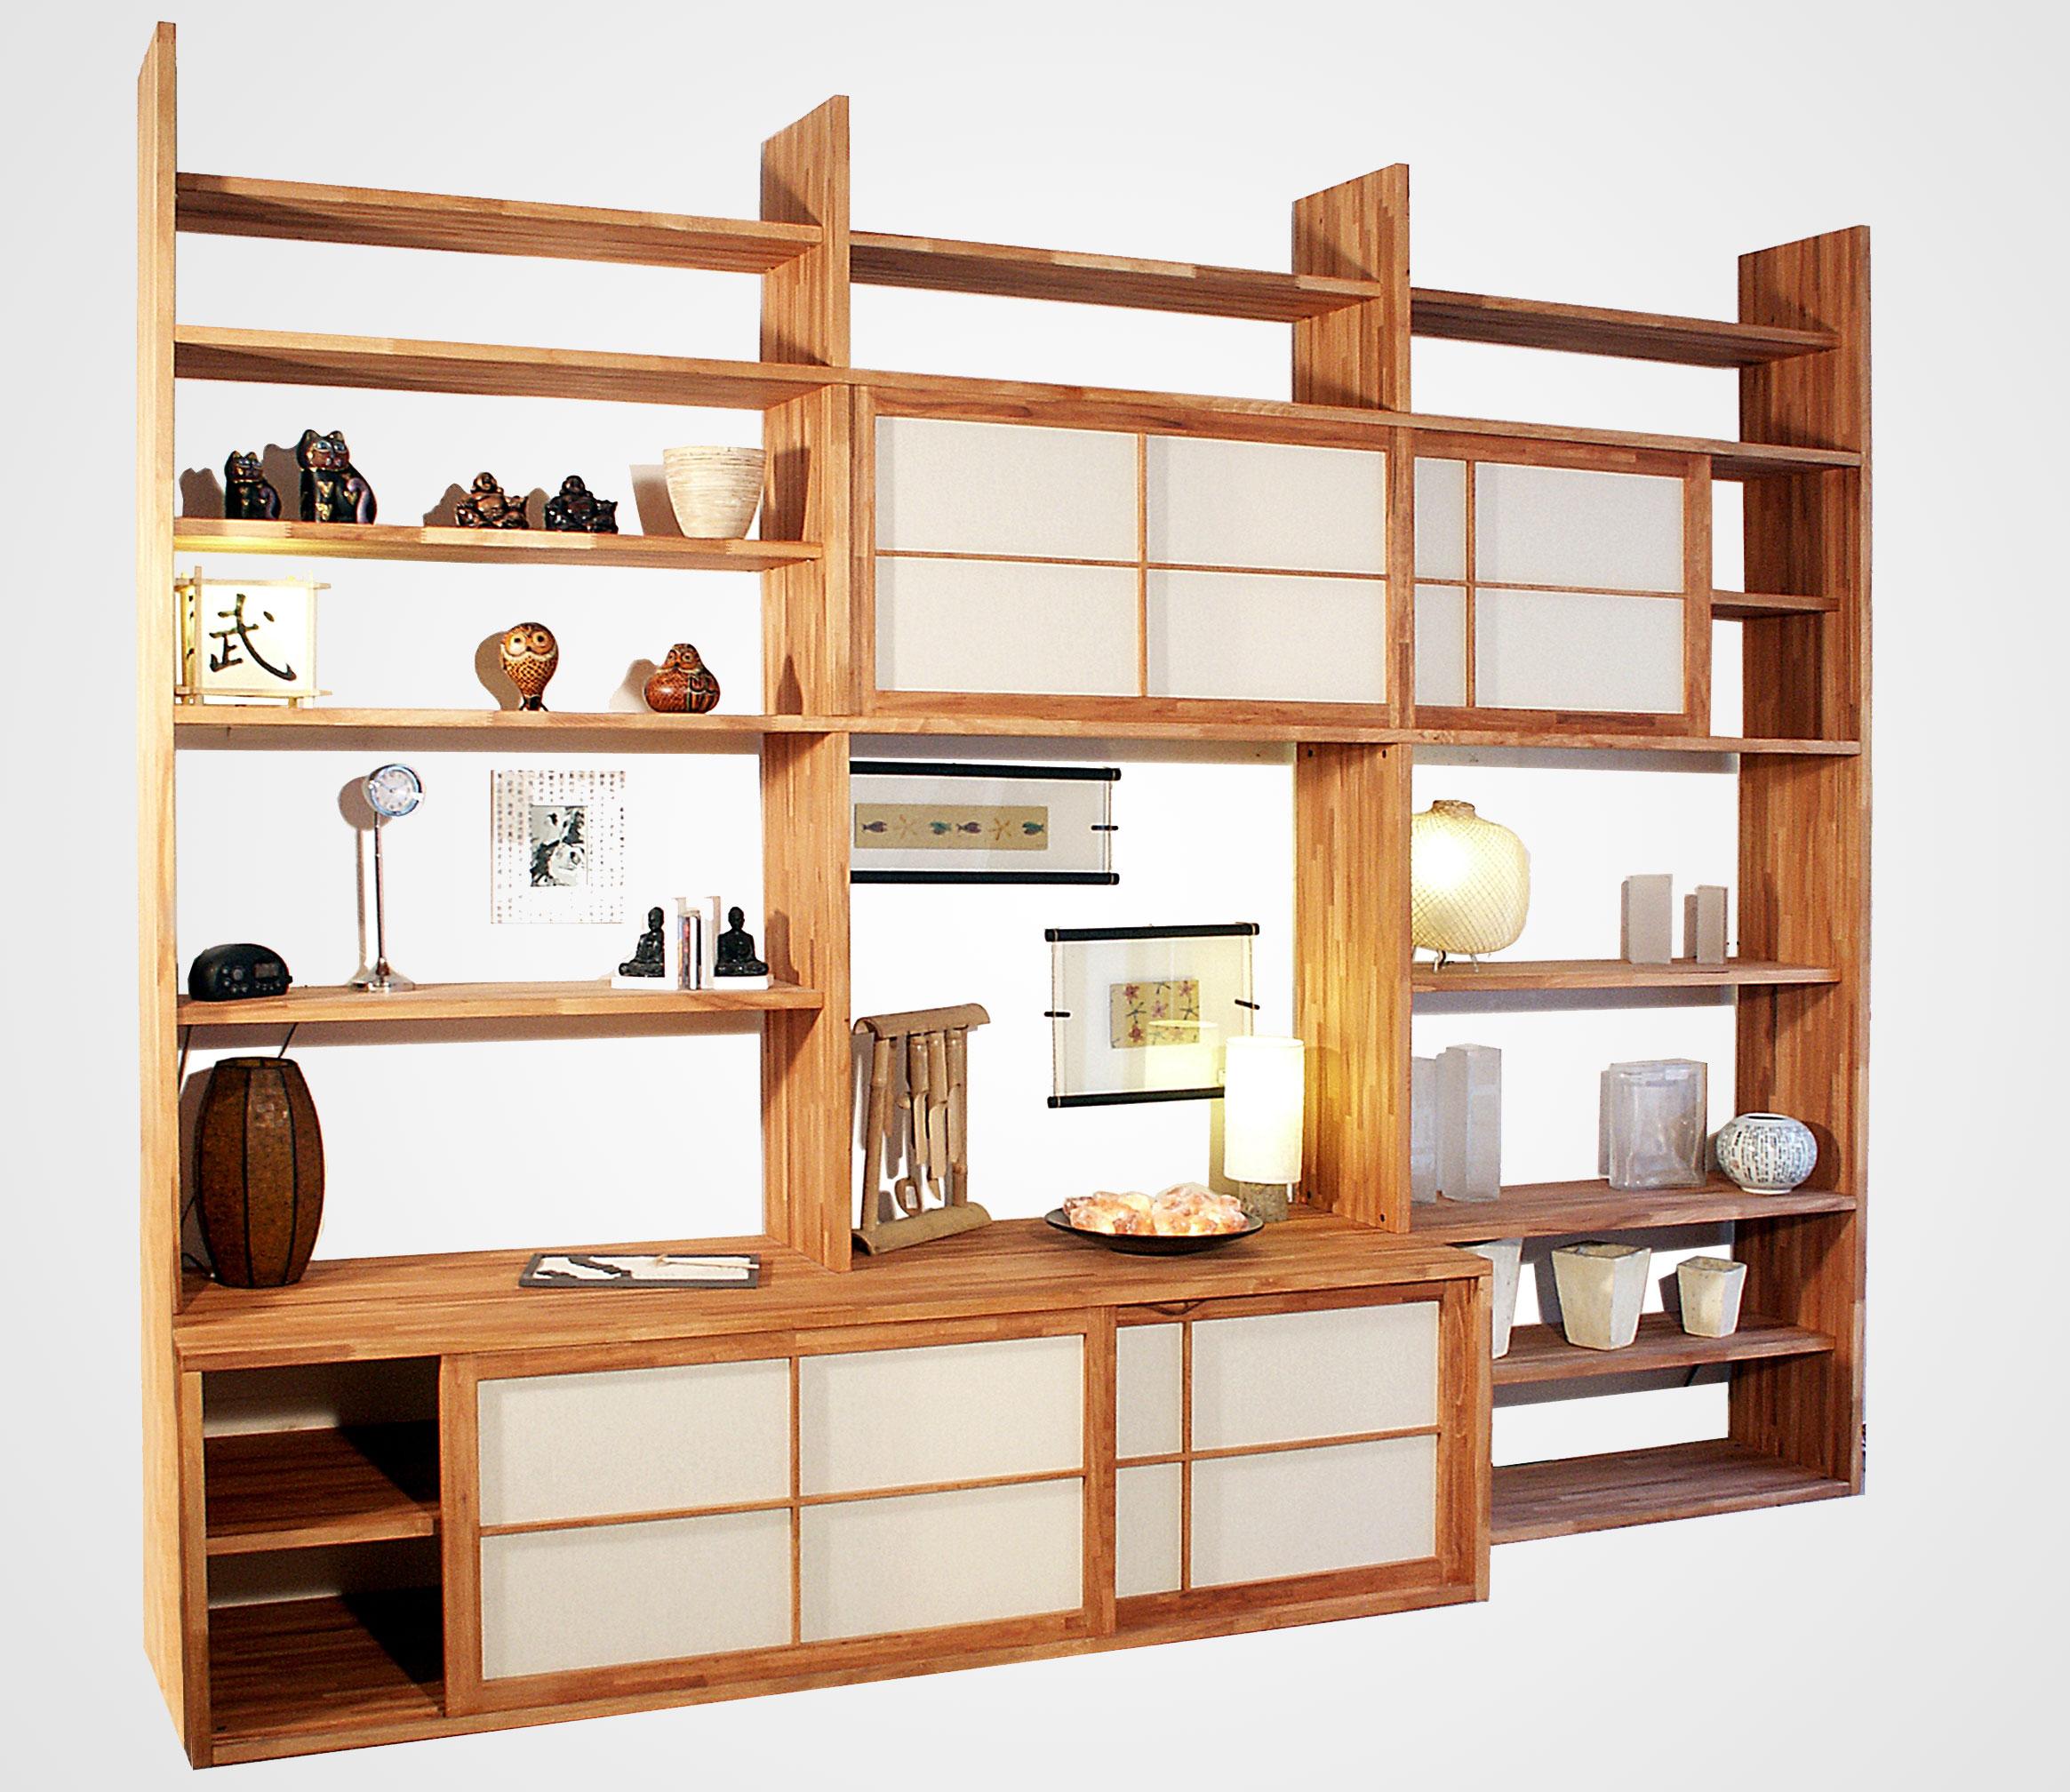 Librerie componibili e moderne in legno per casa e ufficio for Librerie componibili moderne